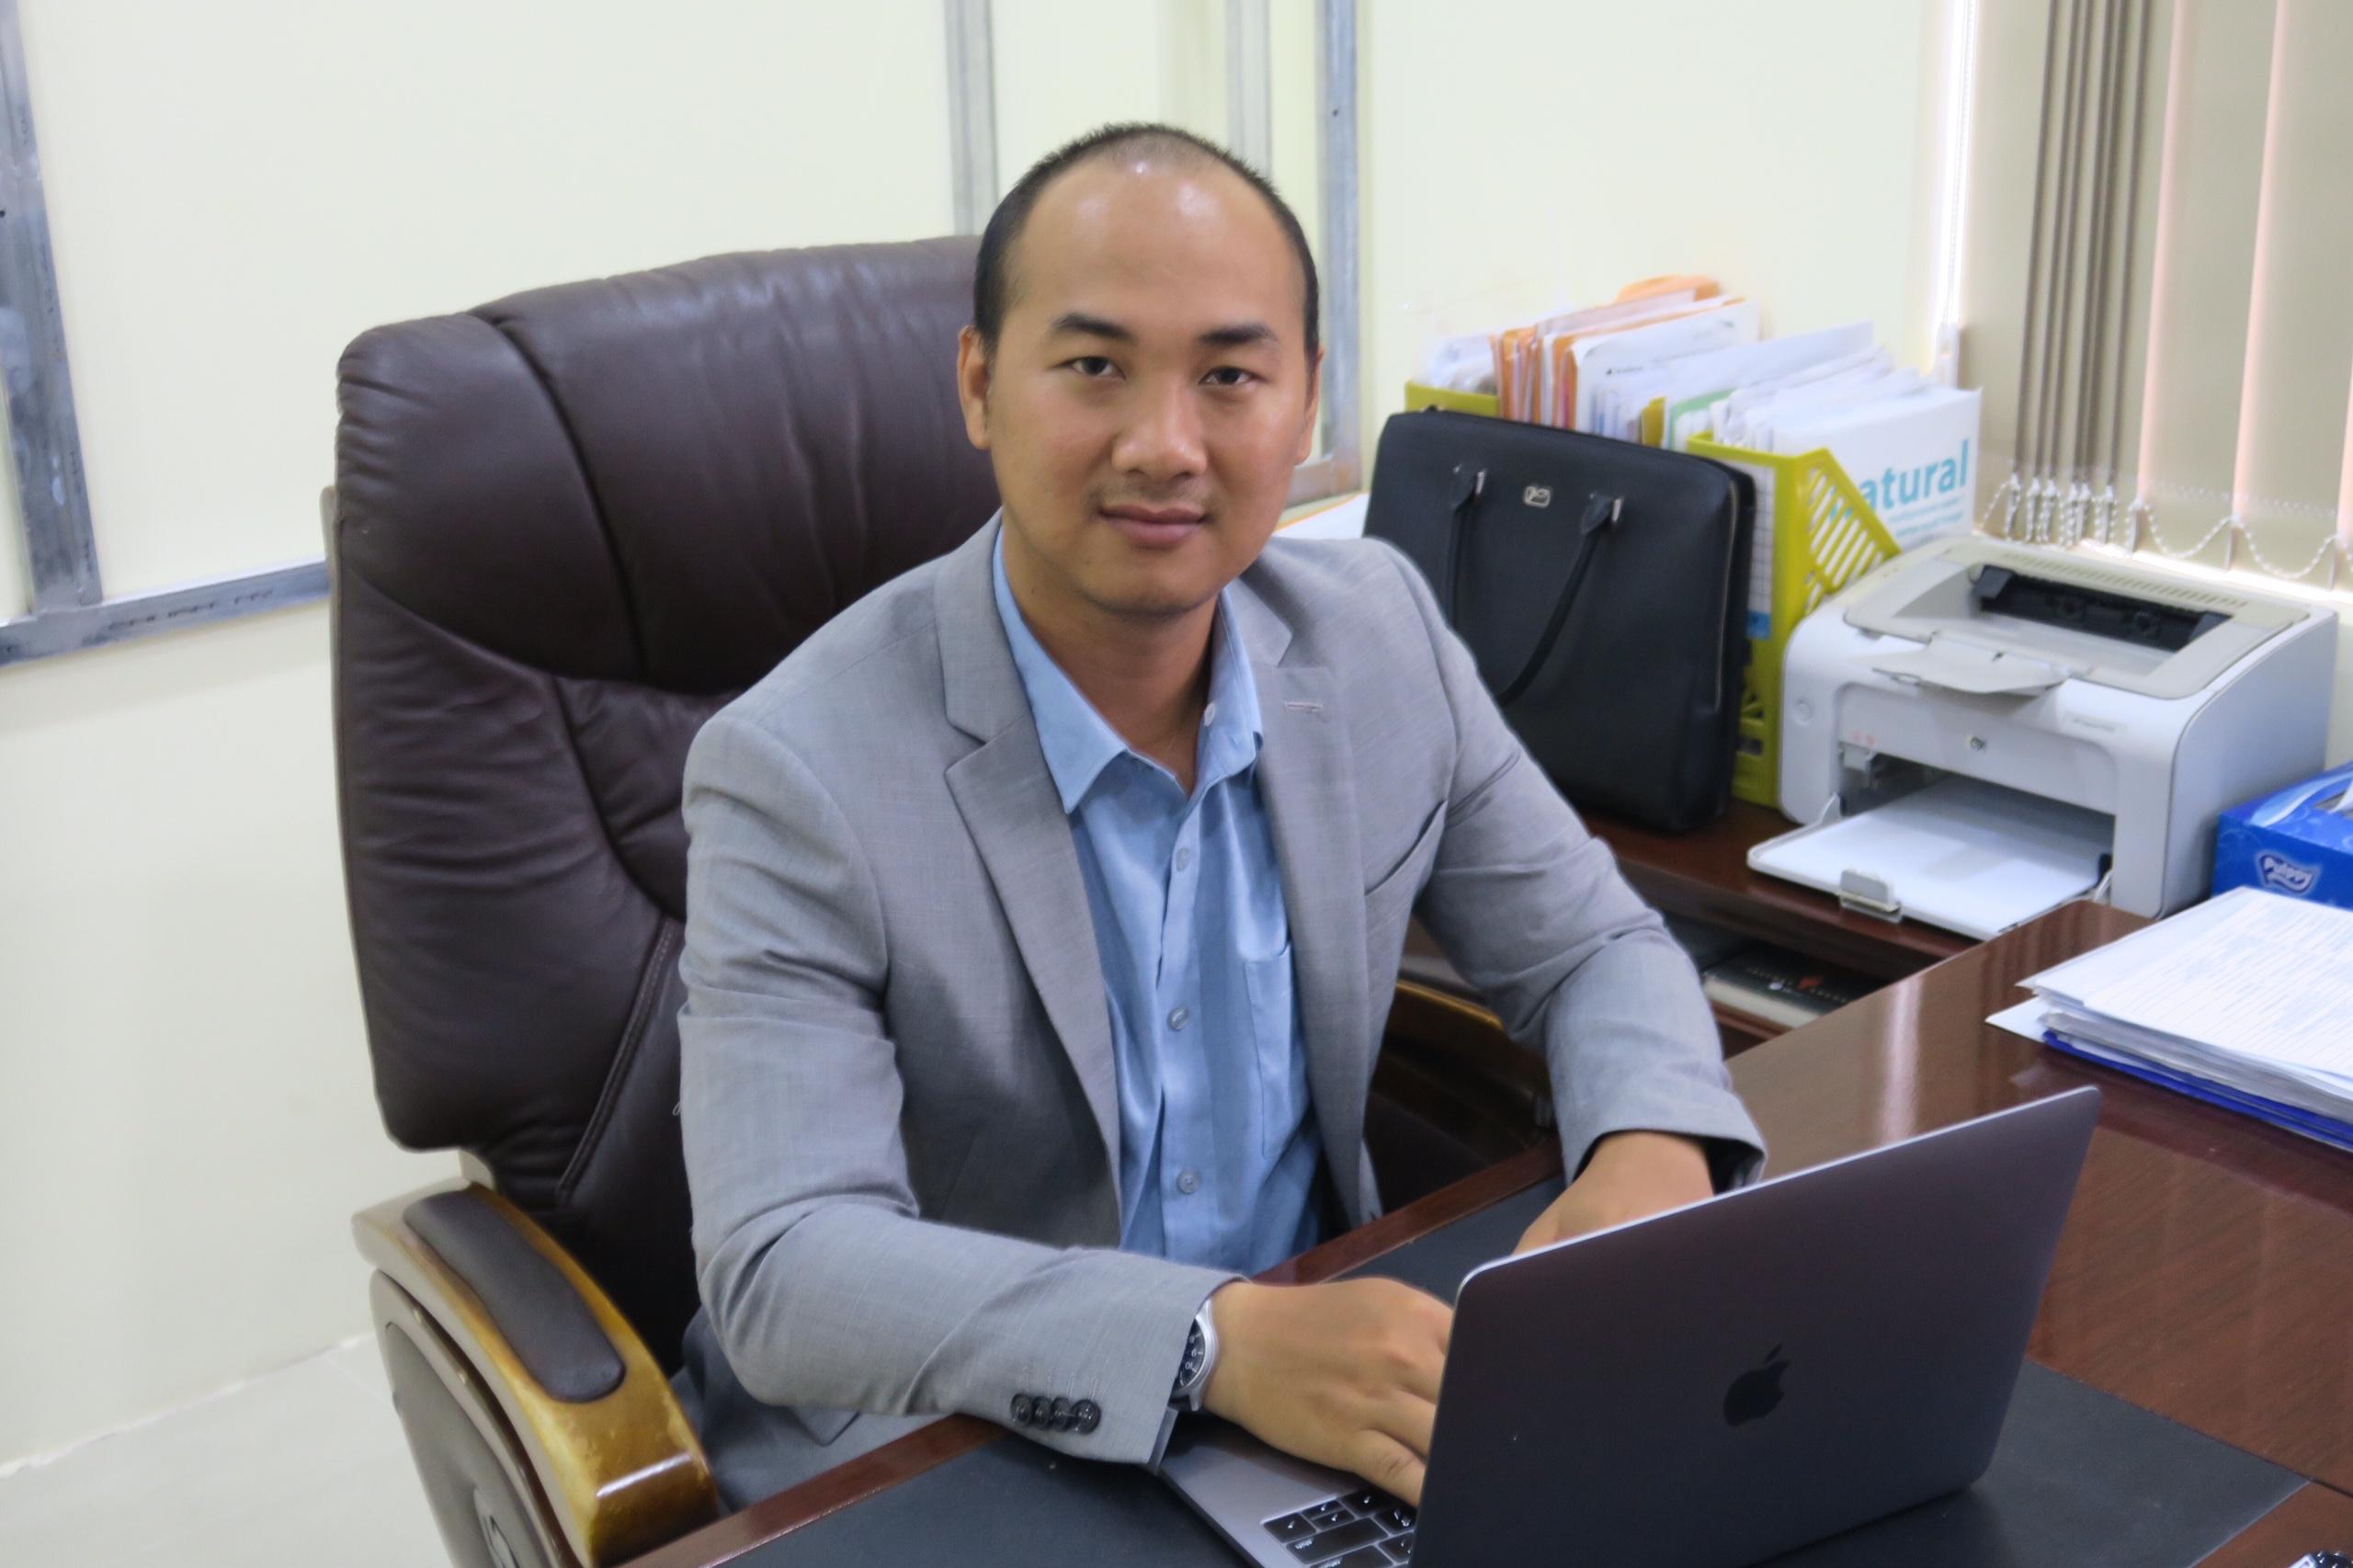 Đoàn Nguyễn Thanh duy